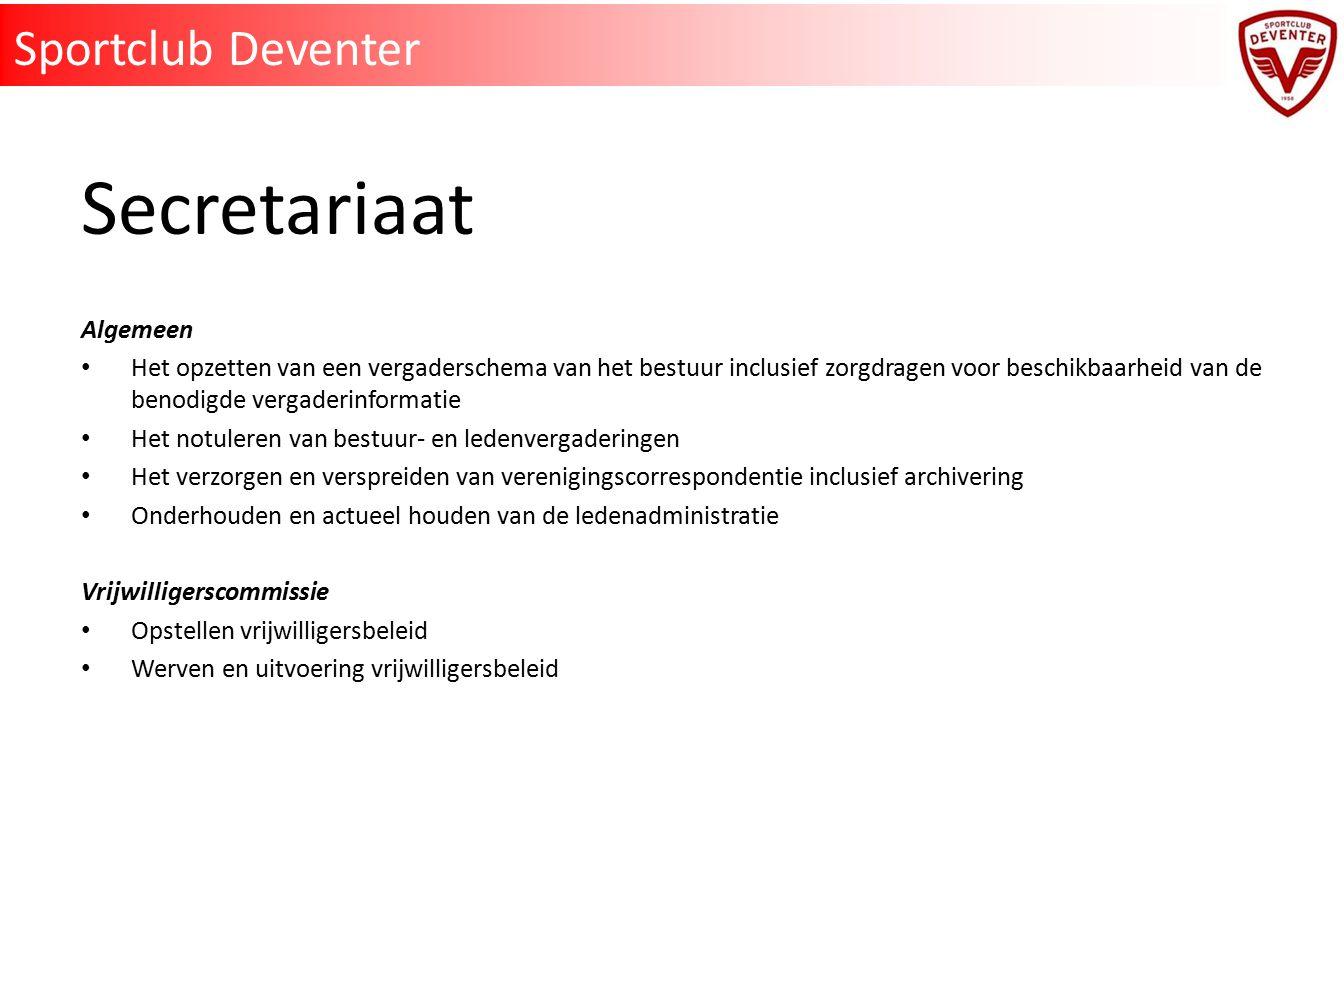 Secretariaat Sportclub Deventer Algemeen